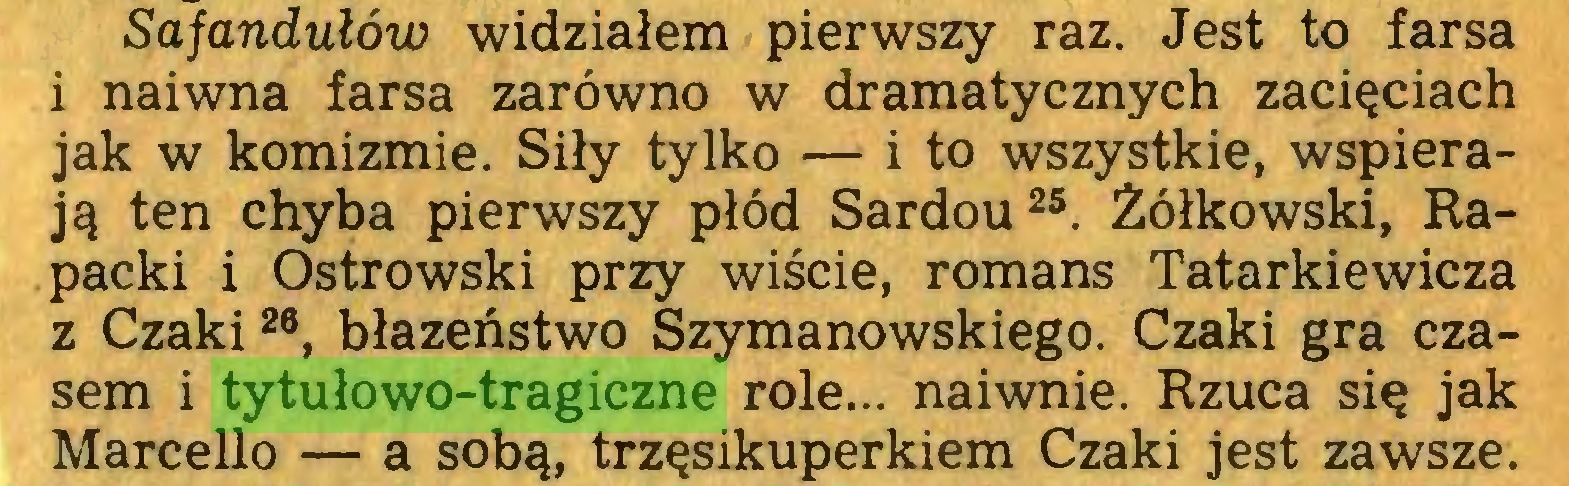 (...) Sajandułów widziałem pierwszy raz. Jest to farsa i naiwna farsa zarówno w dramatycznych zacięciach jak w komizmie. Siły tylko — i to wszystkie, wspierają ten chyba pierwszy płód Sardou25. Żółkowski, Rapacki i Ostrowski przy wiście, romans Tatarkiewicza z Czaki26, błazeństwo Szymanowskiego. Czaki gra czasem i tytułowo-tragiczne role... naiwnie. Rzuca się jak Marcello — a sobą, trzęsikuperkiem Czaki jest zawsze...